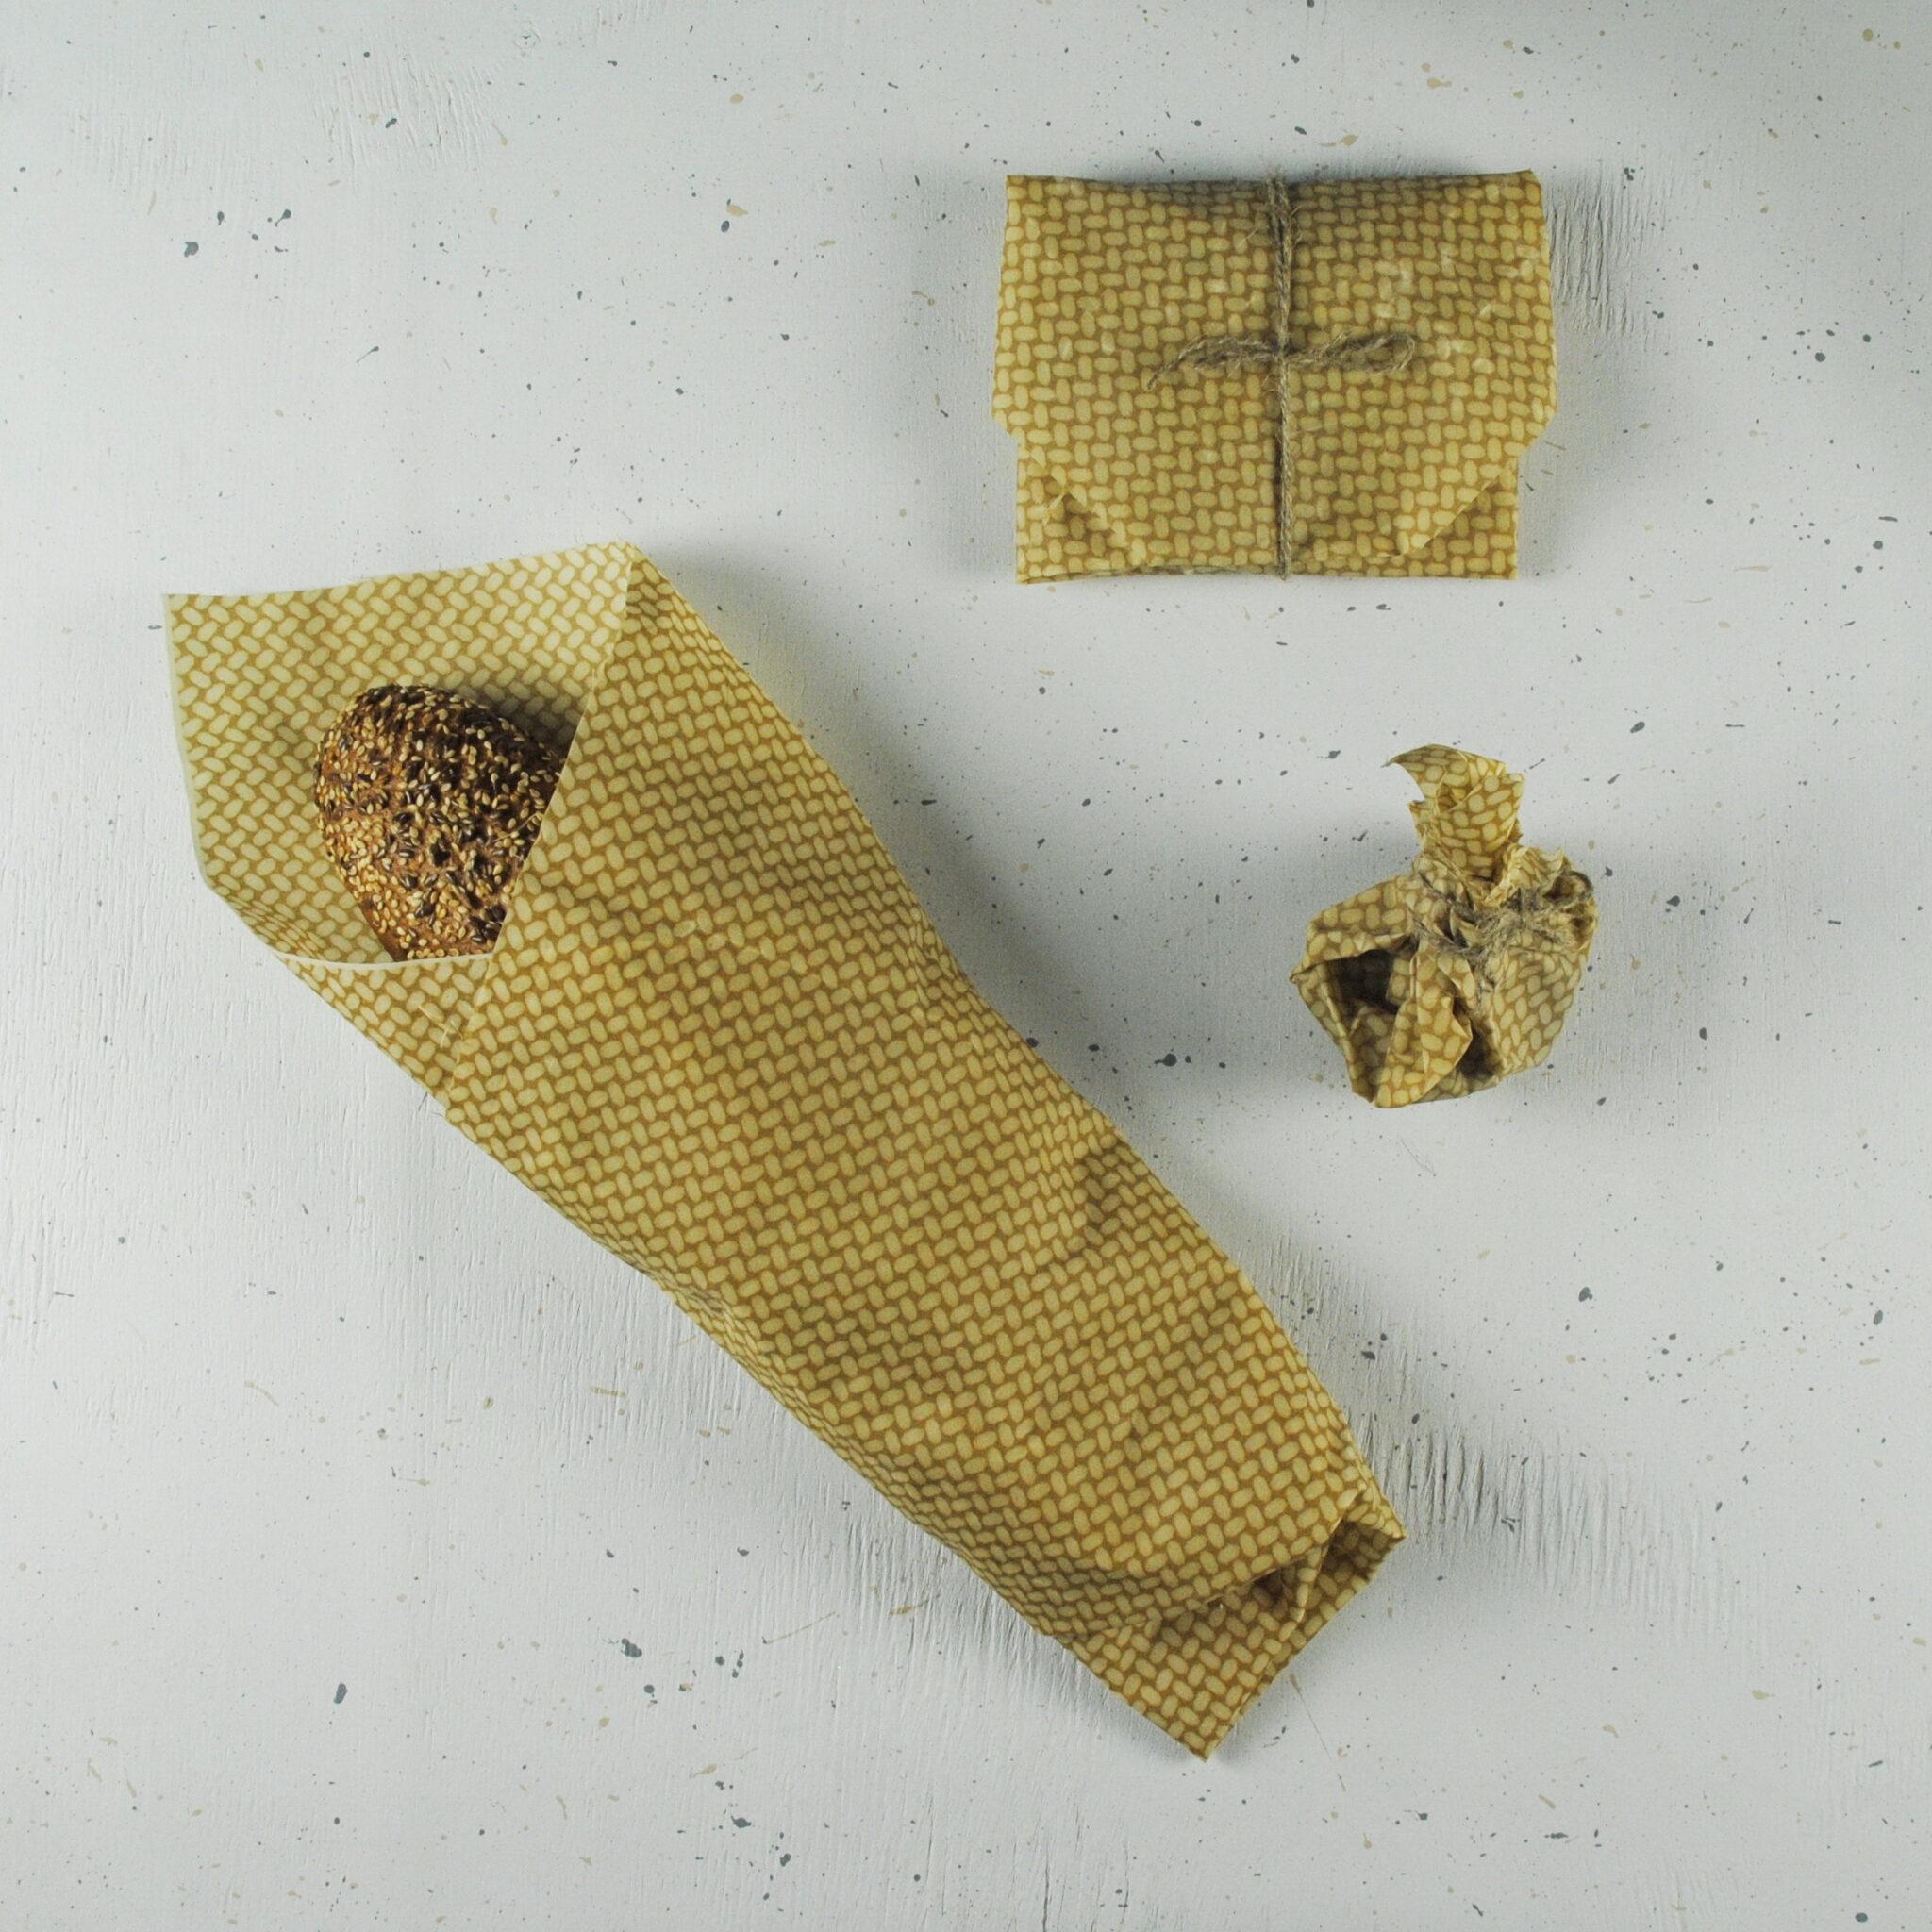 Хлеб в восковой салфетке